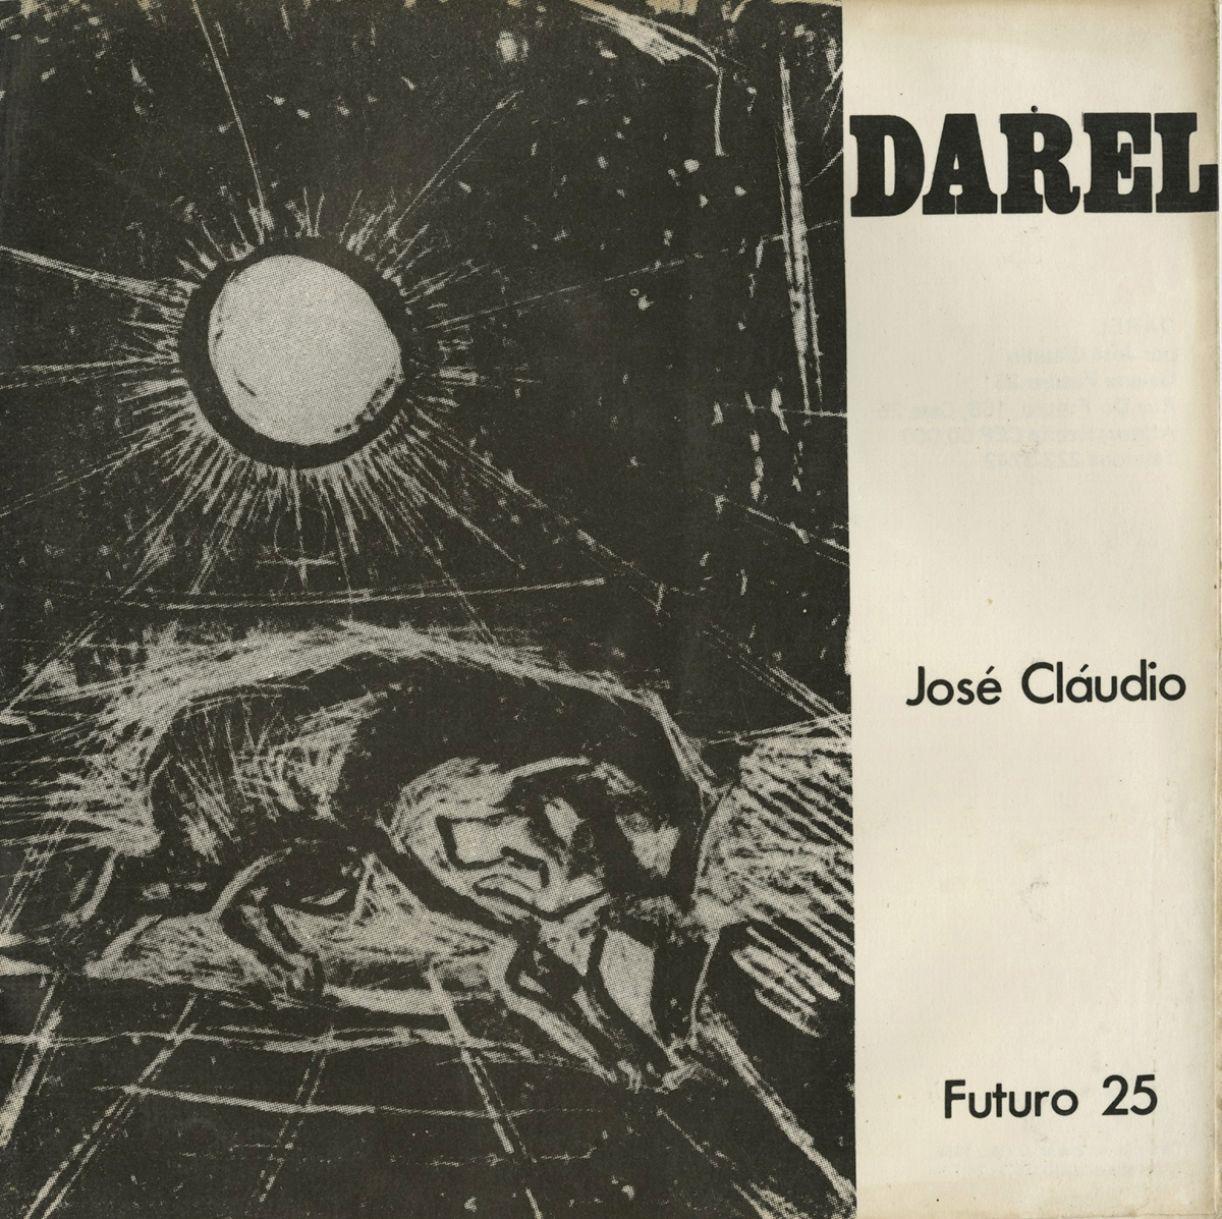 'Lucas, o cão', Darel Valença, 1956. Reprodução de litografia, 41/110, 34,3 x 24,7 cm